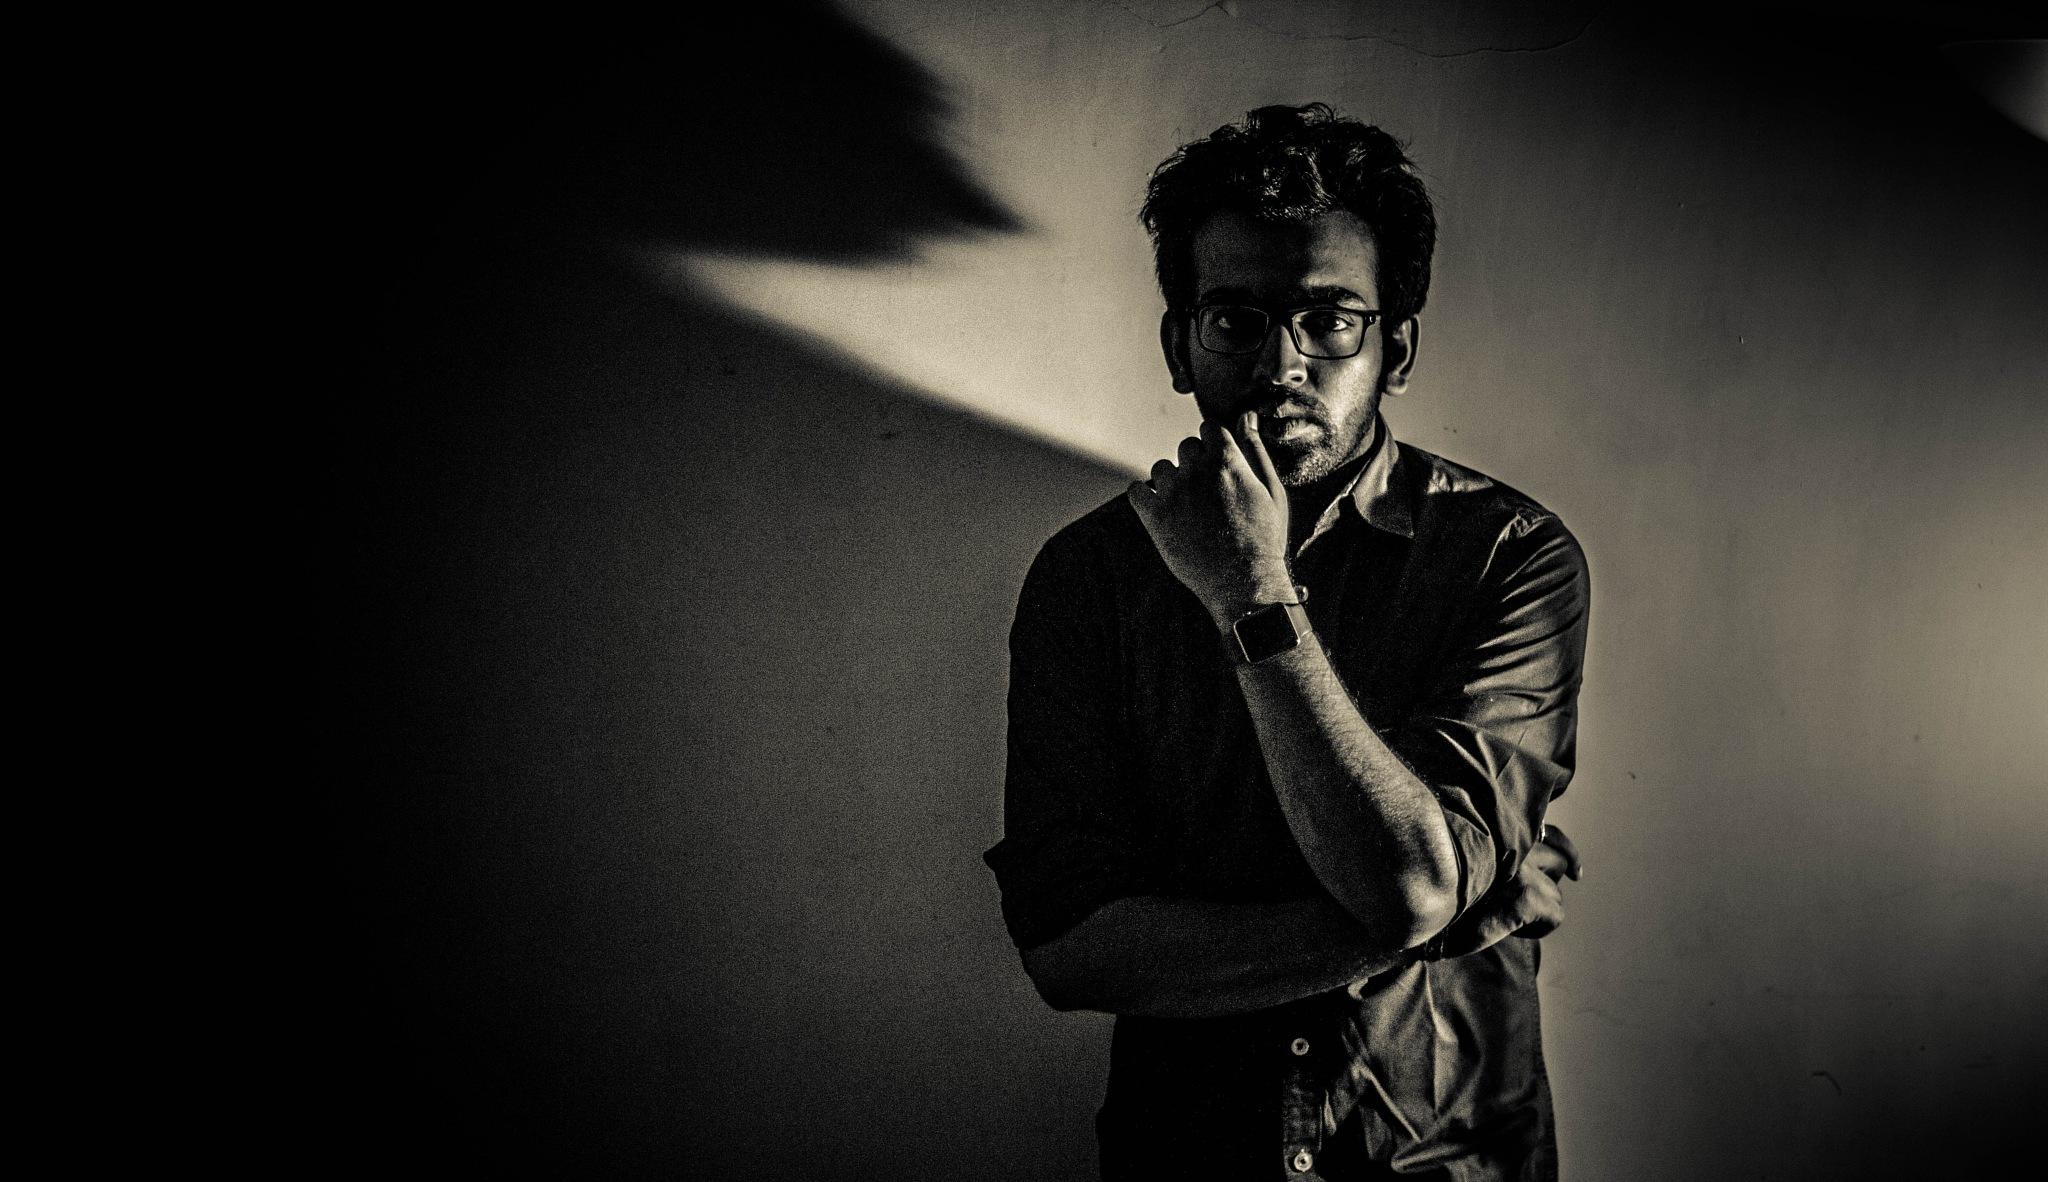 Self portraiture by Vineet sakargayen